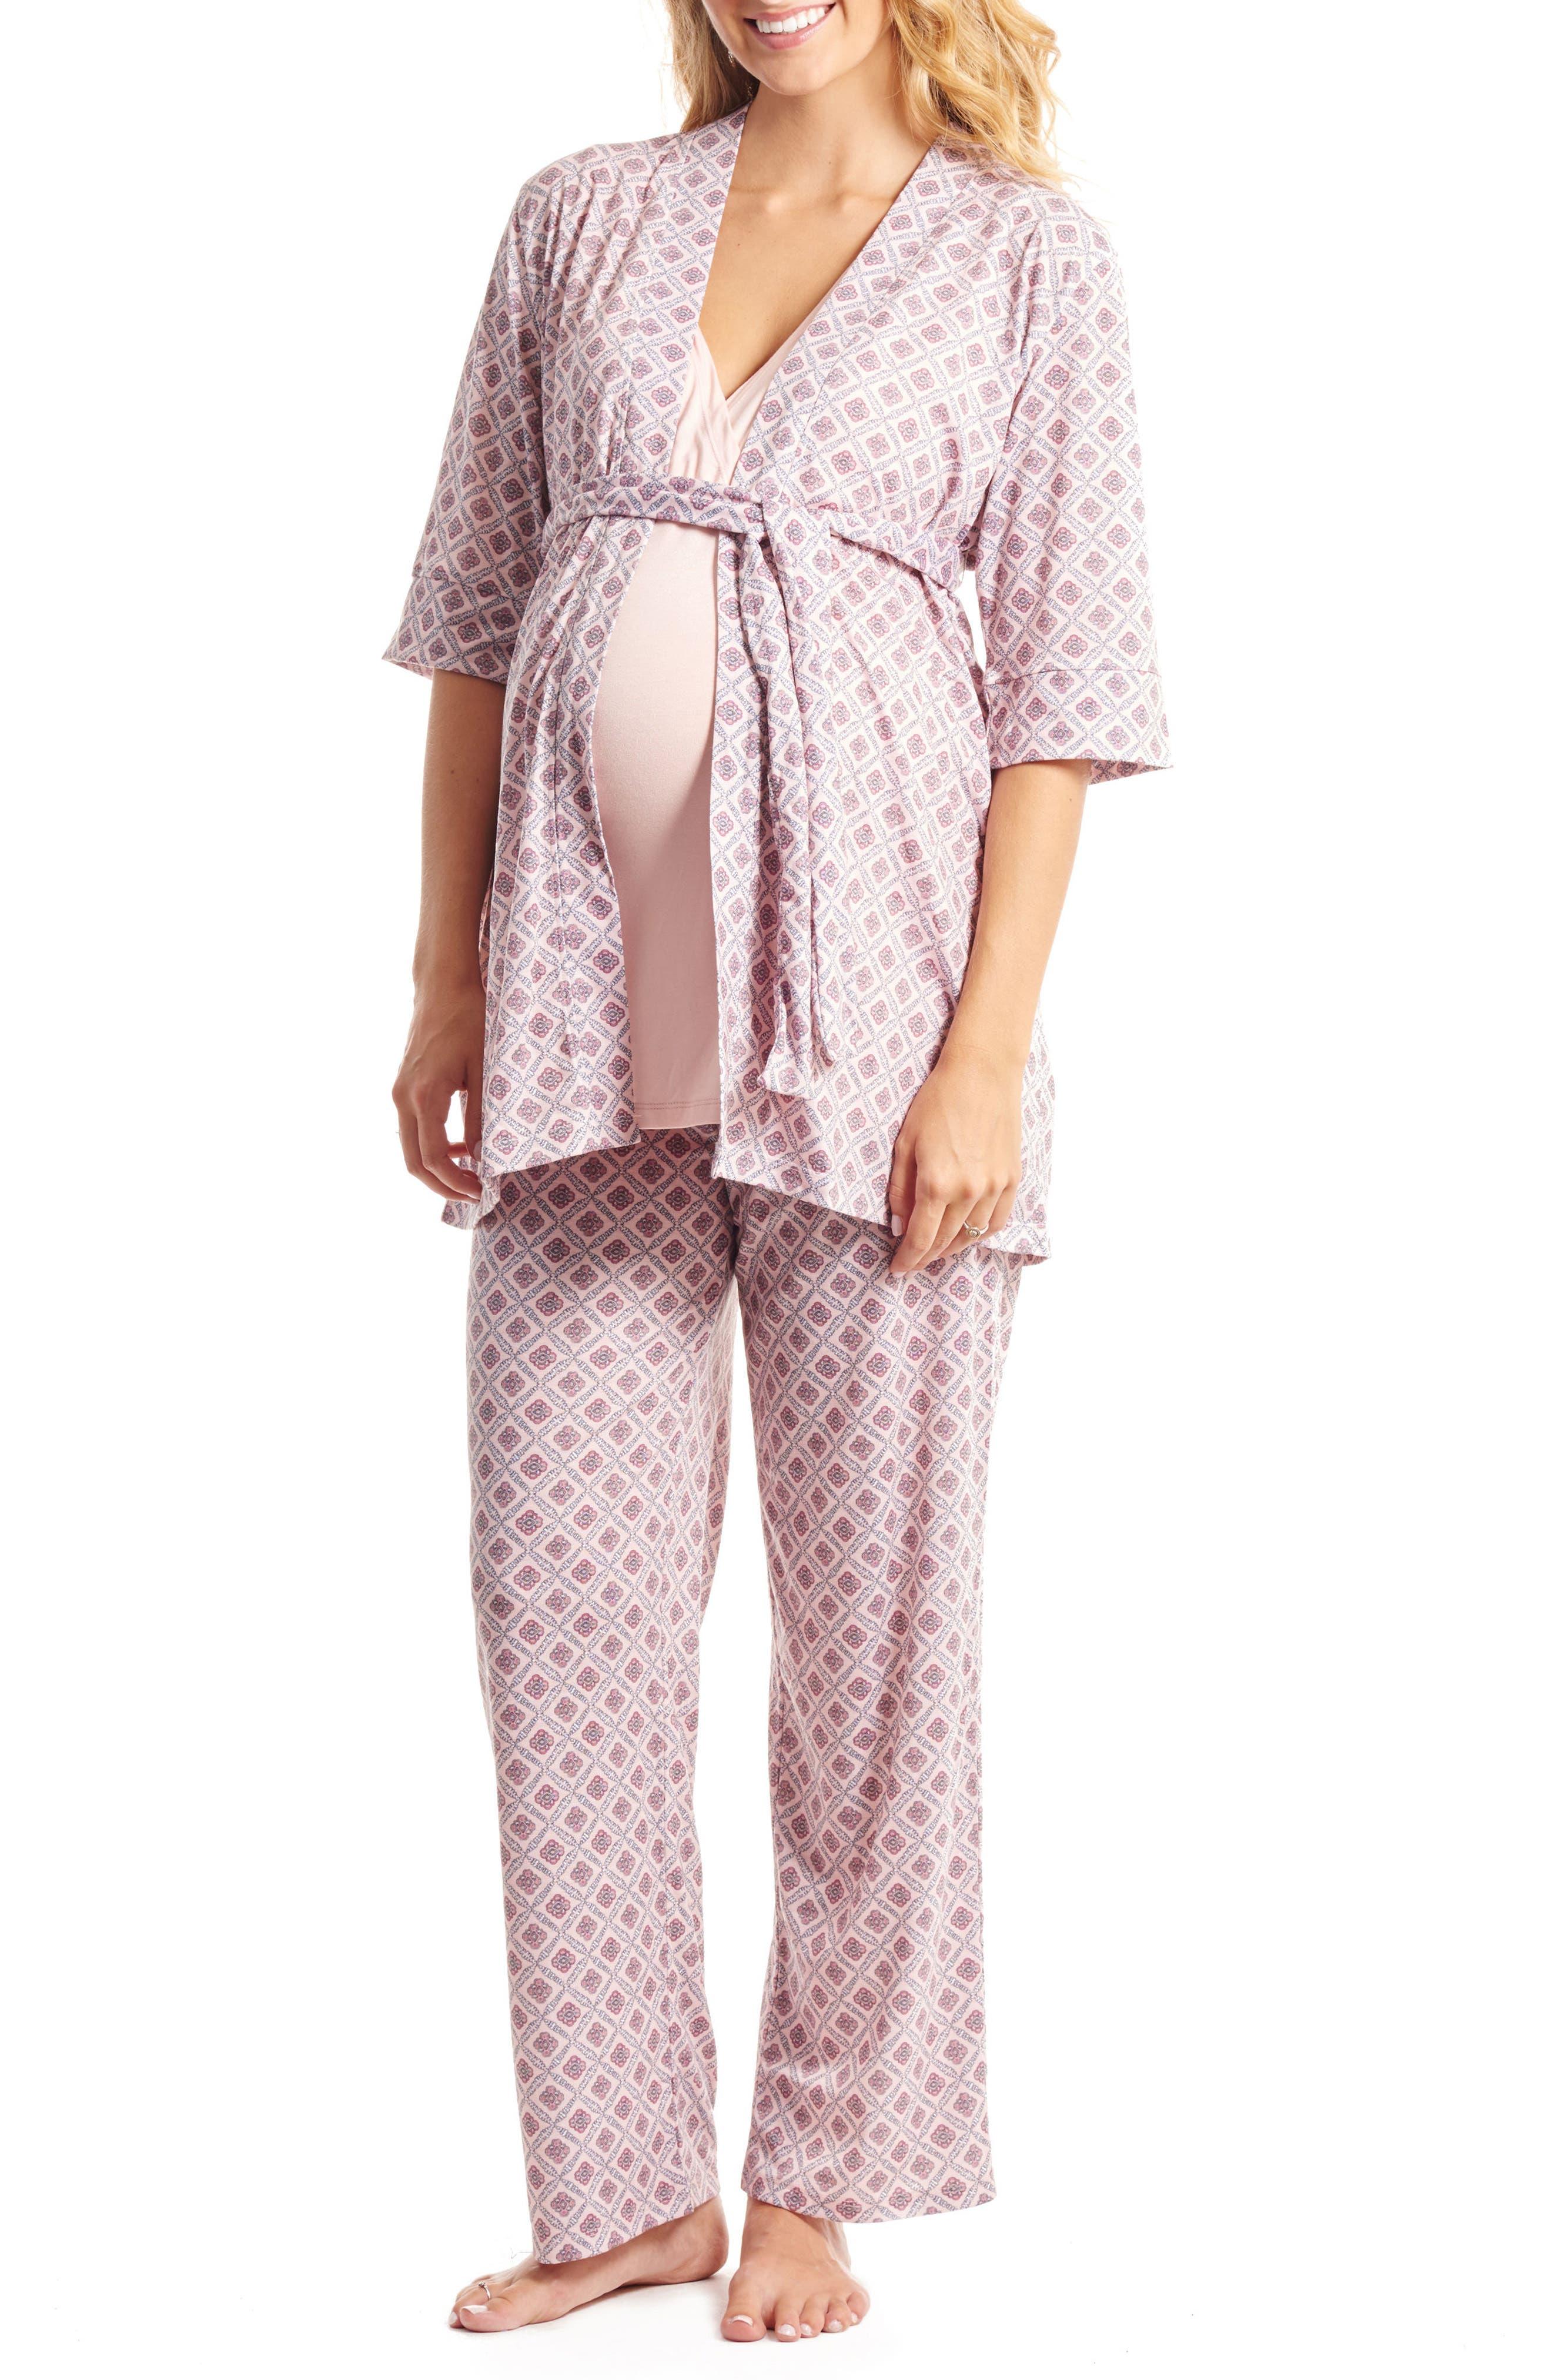 Everly Grey Susan 5-Piece Maternity/Nursing Pajama Set